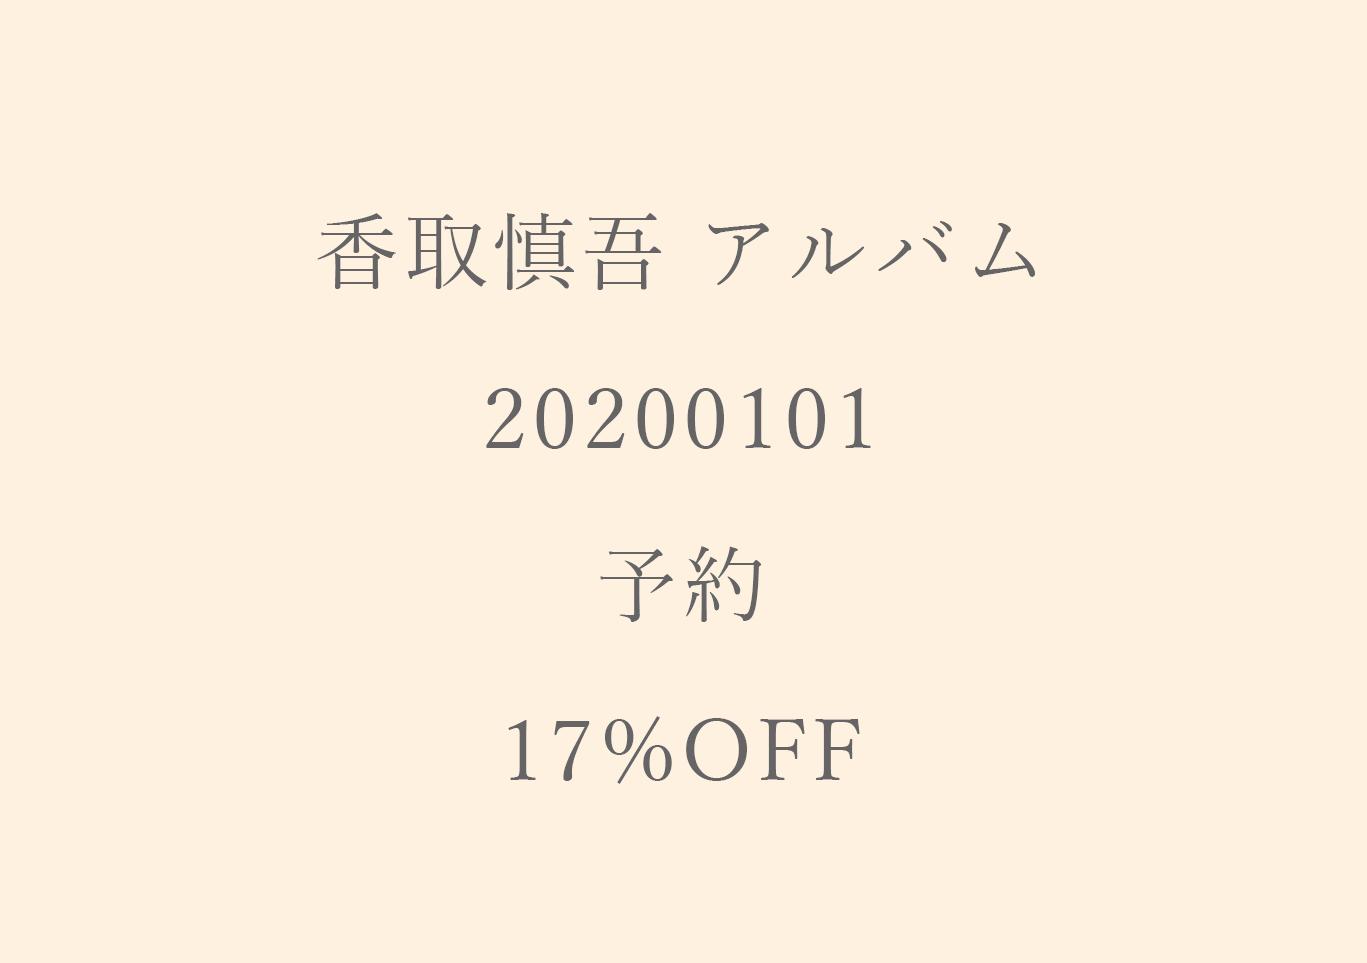 香取慎吾アルバム20200101予約情報!価格が安いショップと特典まとめ